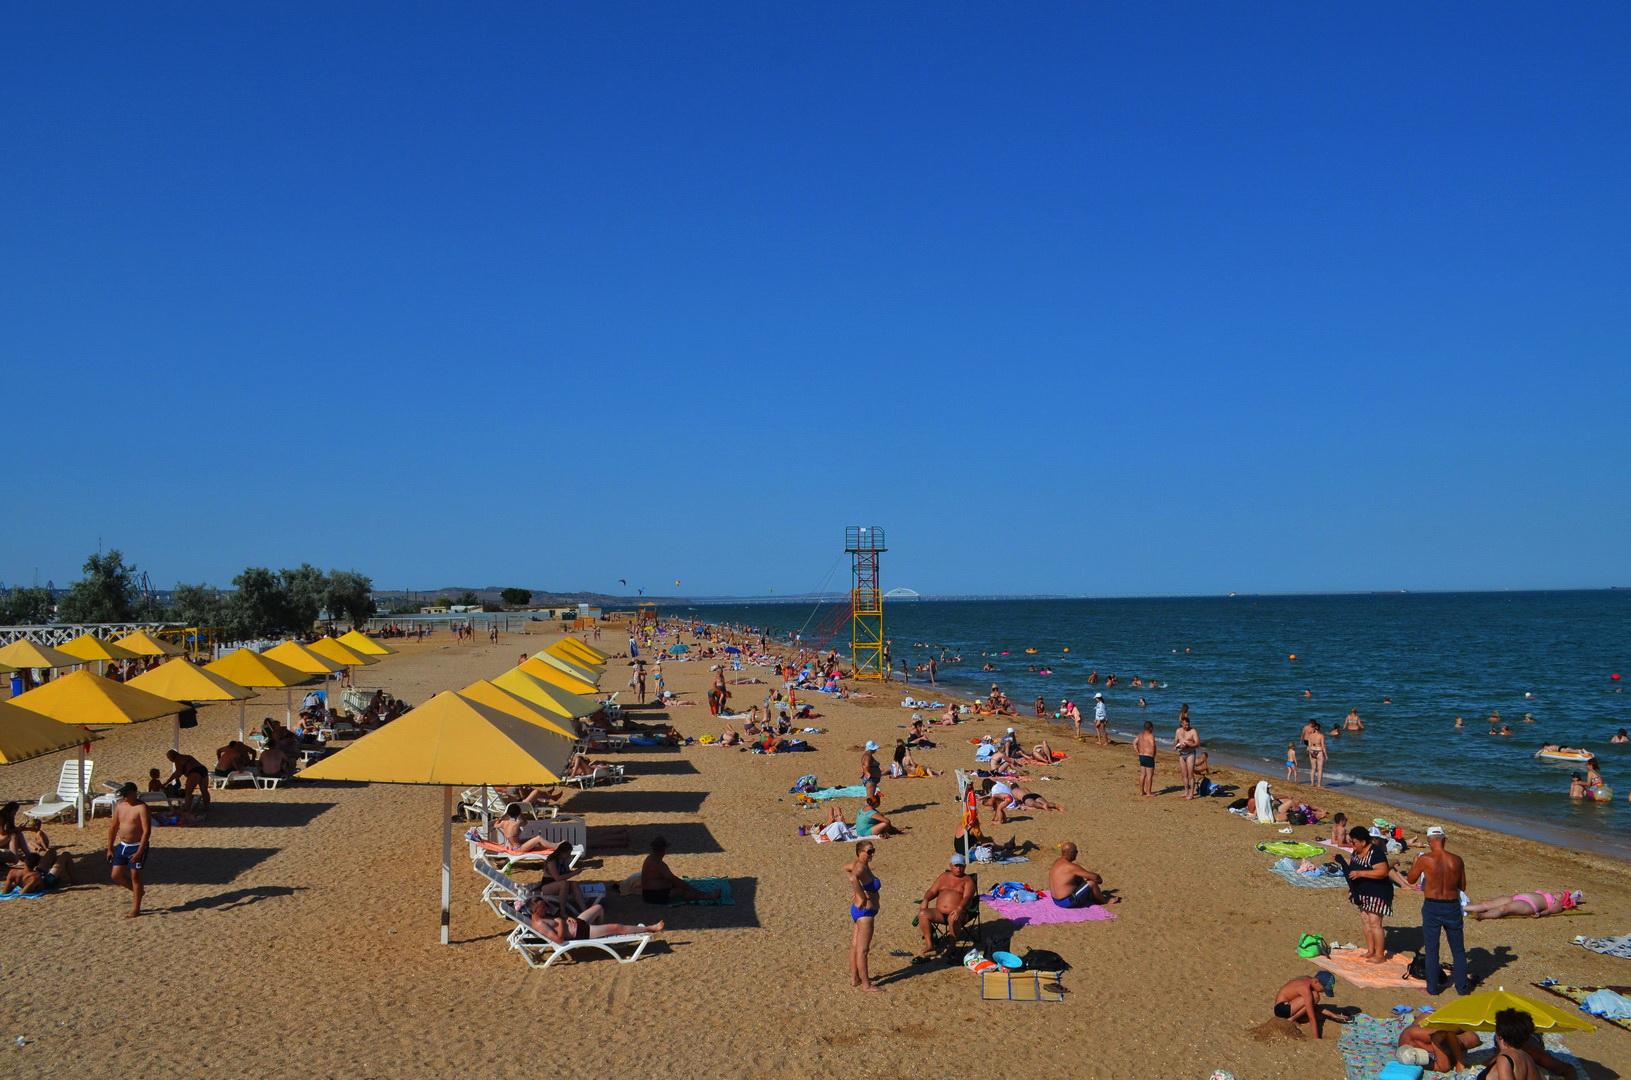 Kerch beach summe July 0204